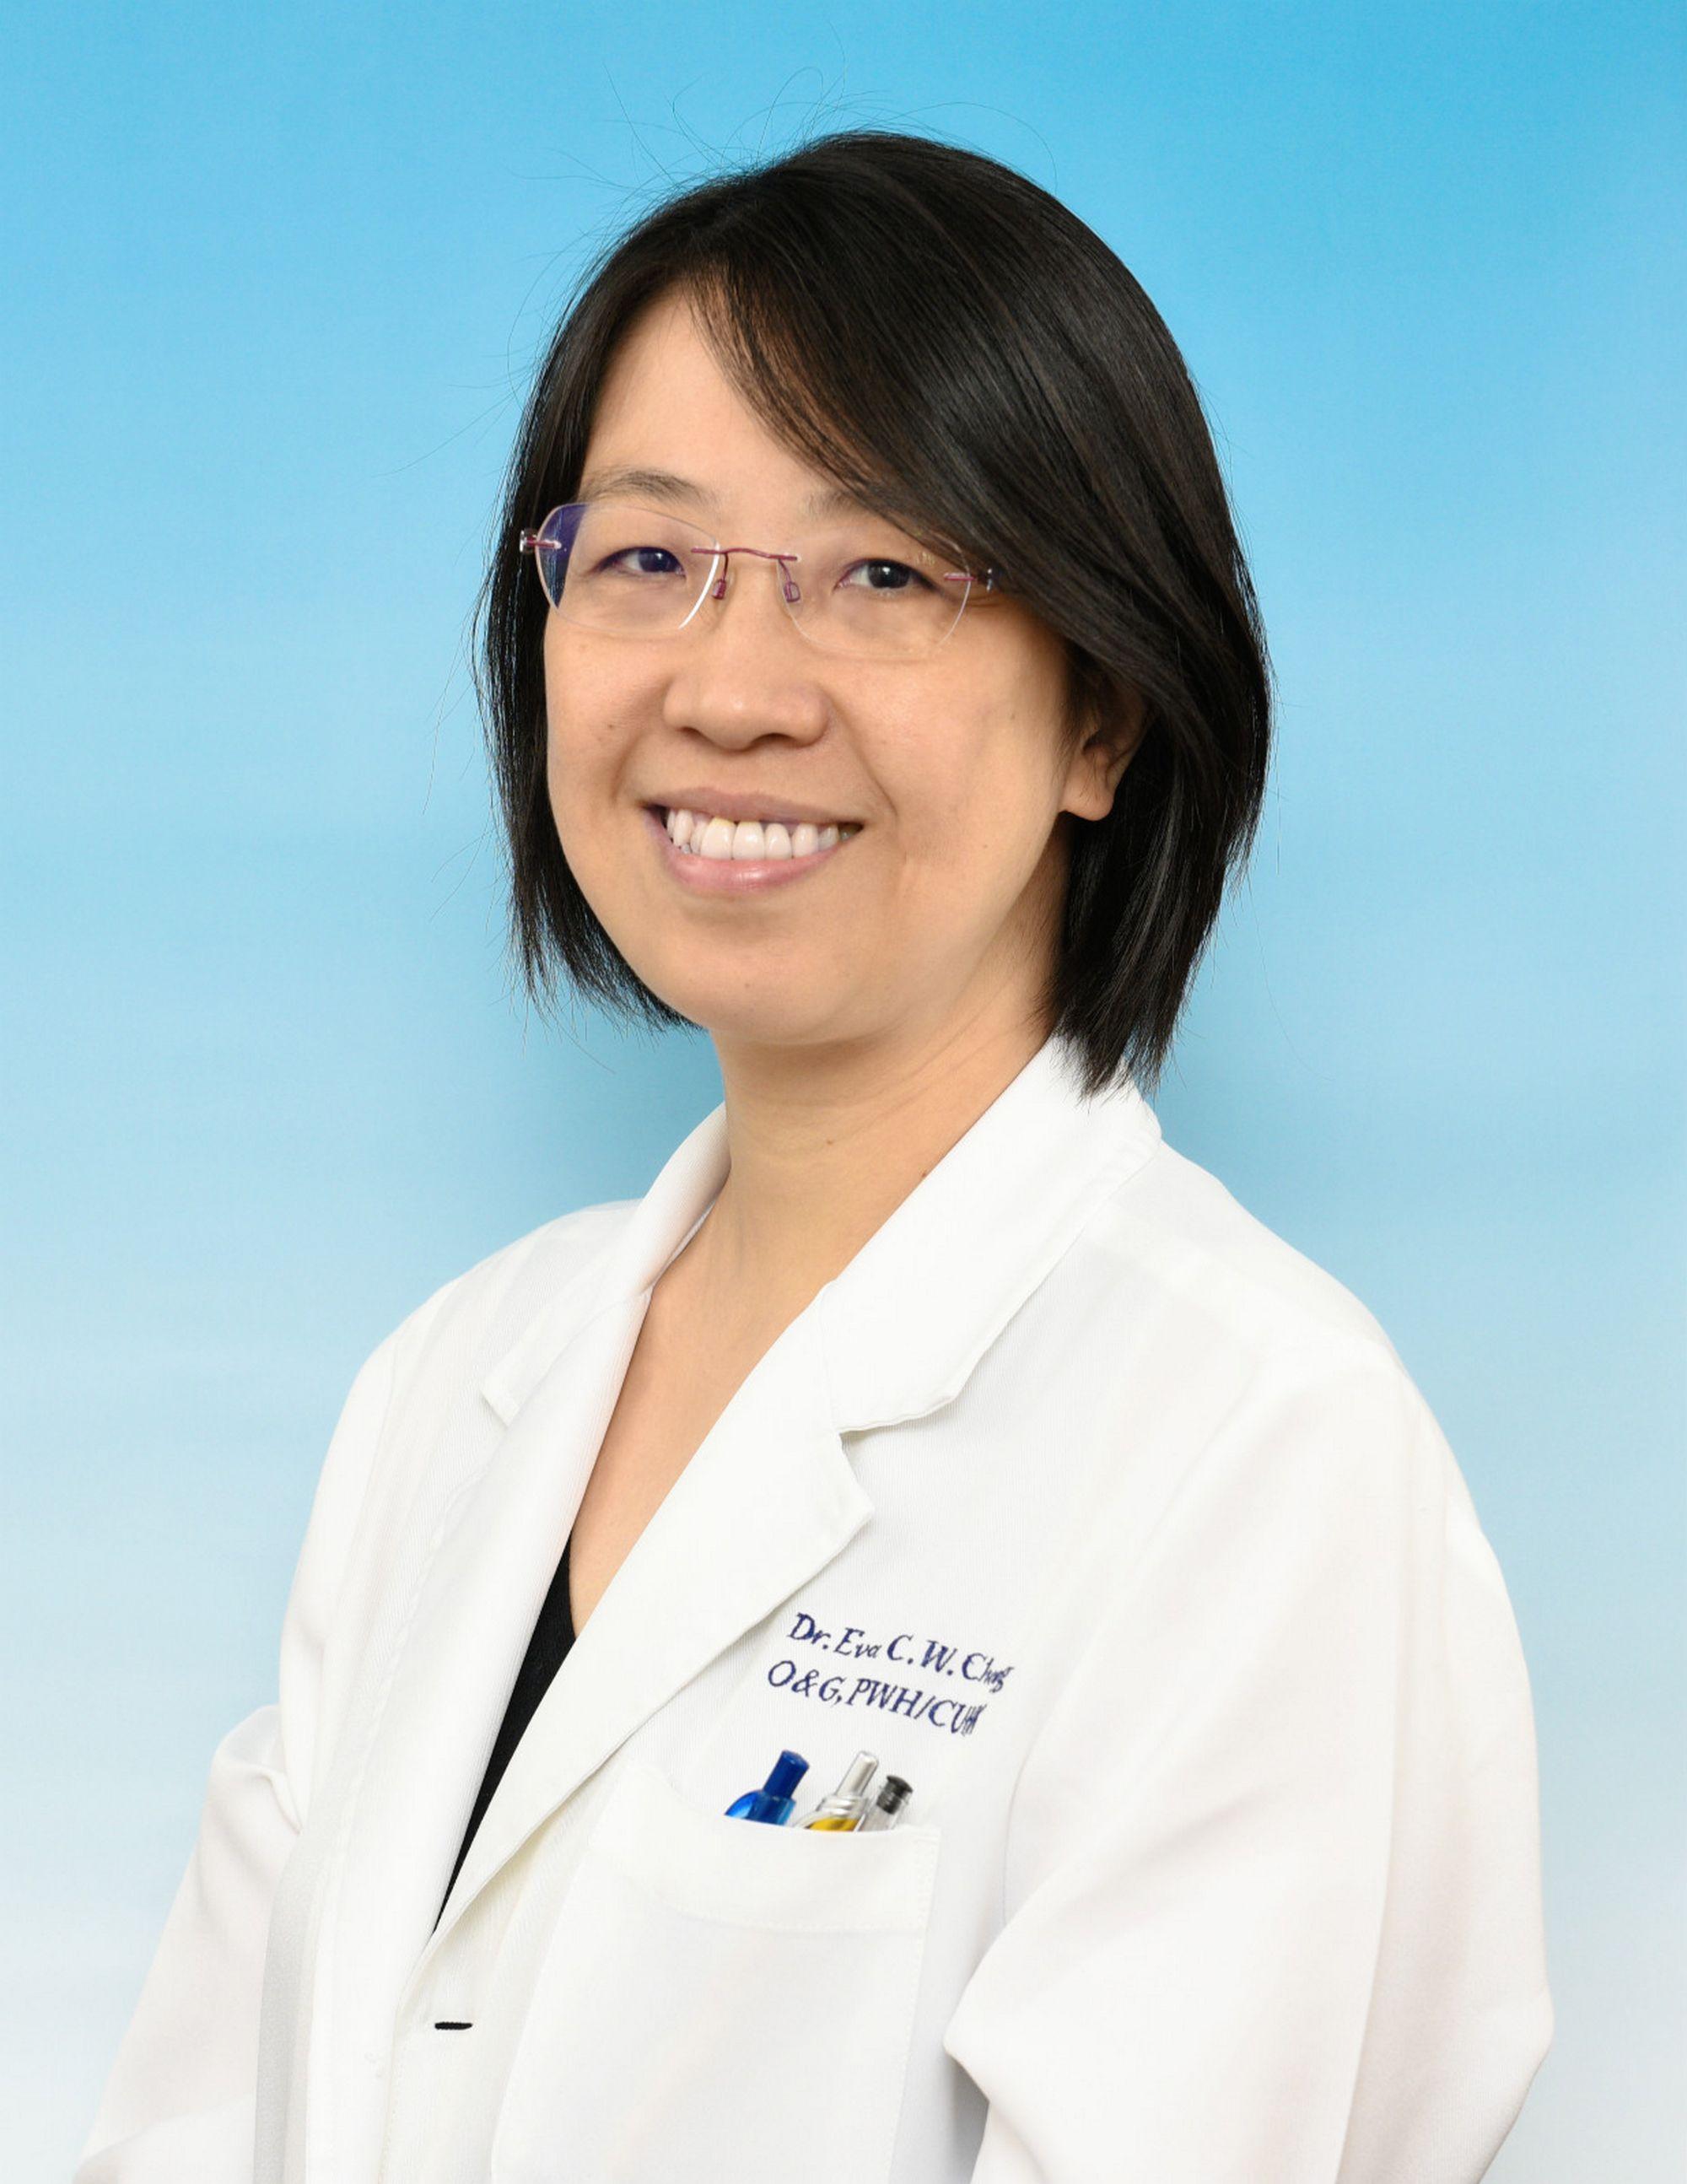 中大医学院妇产科学系名誉临床副教授张春惠医生